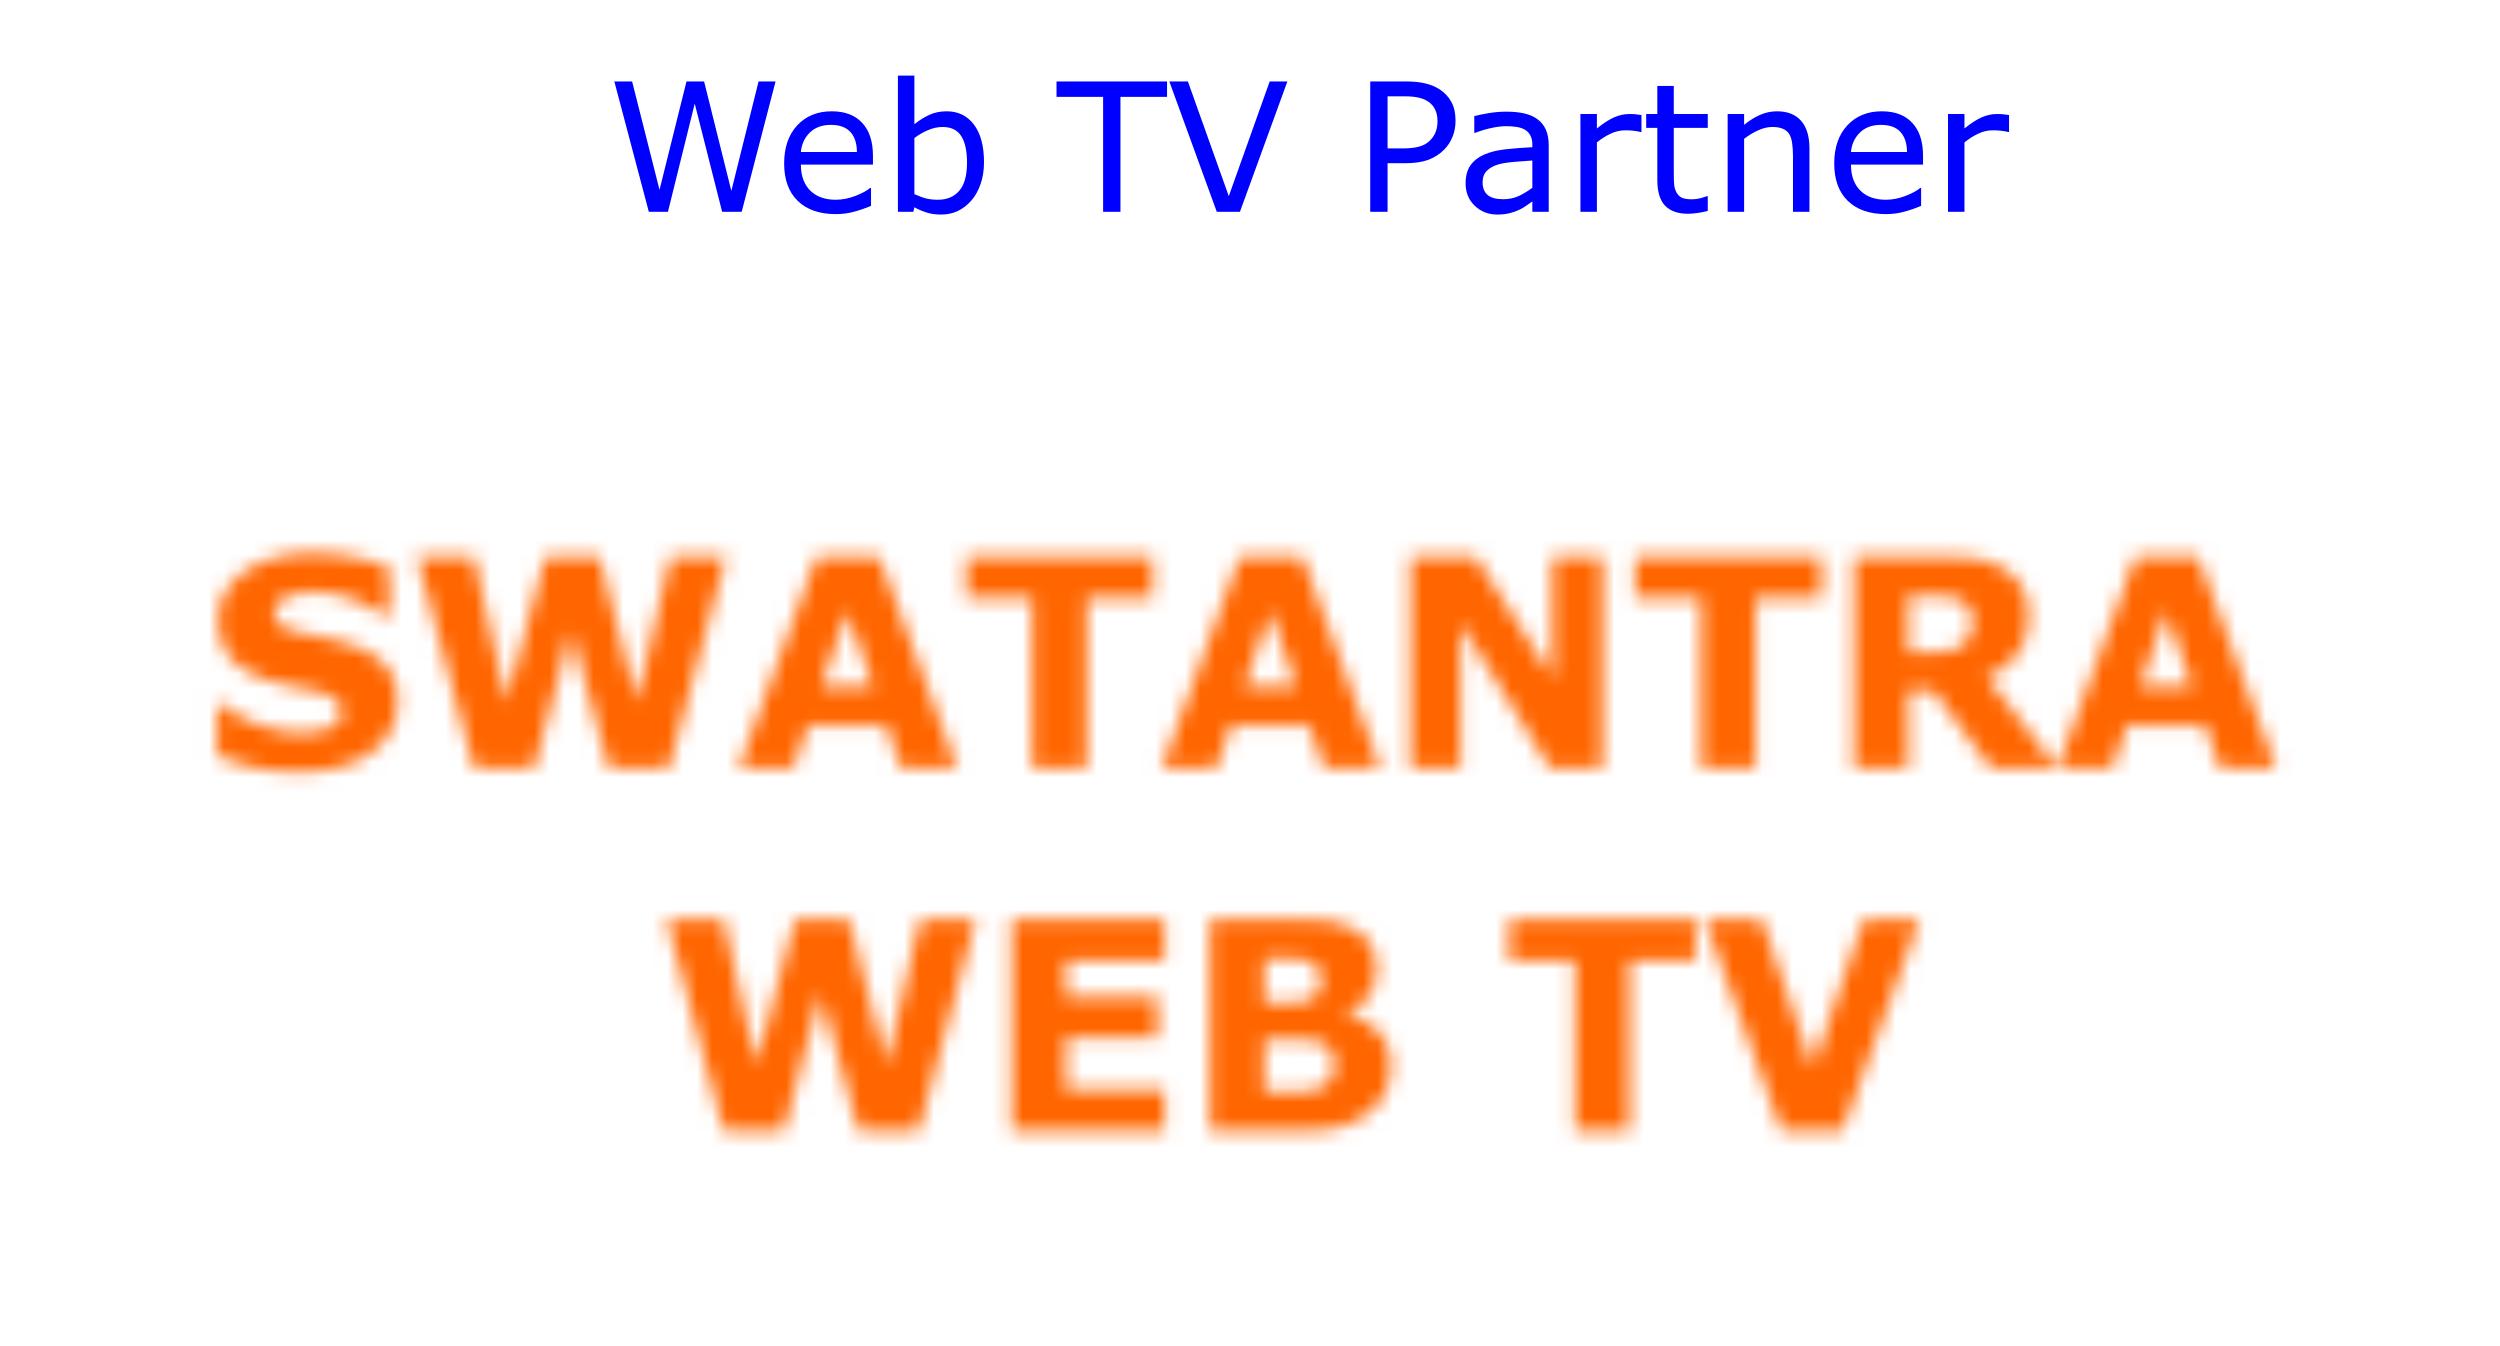 Swantantra Web TV